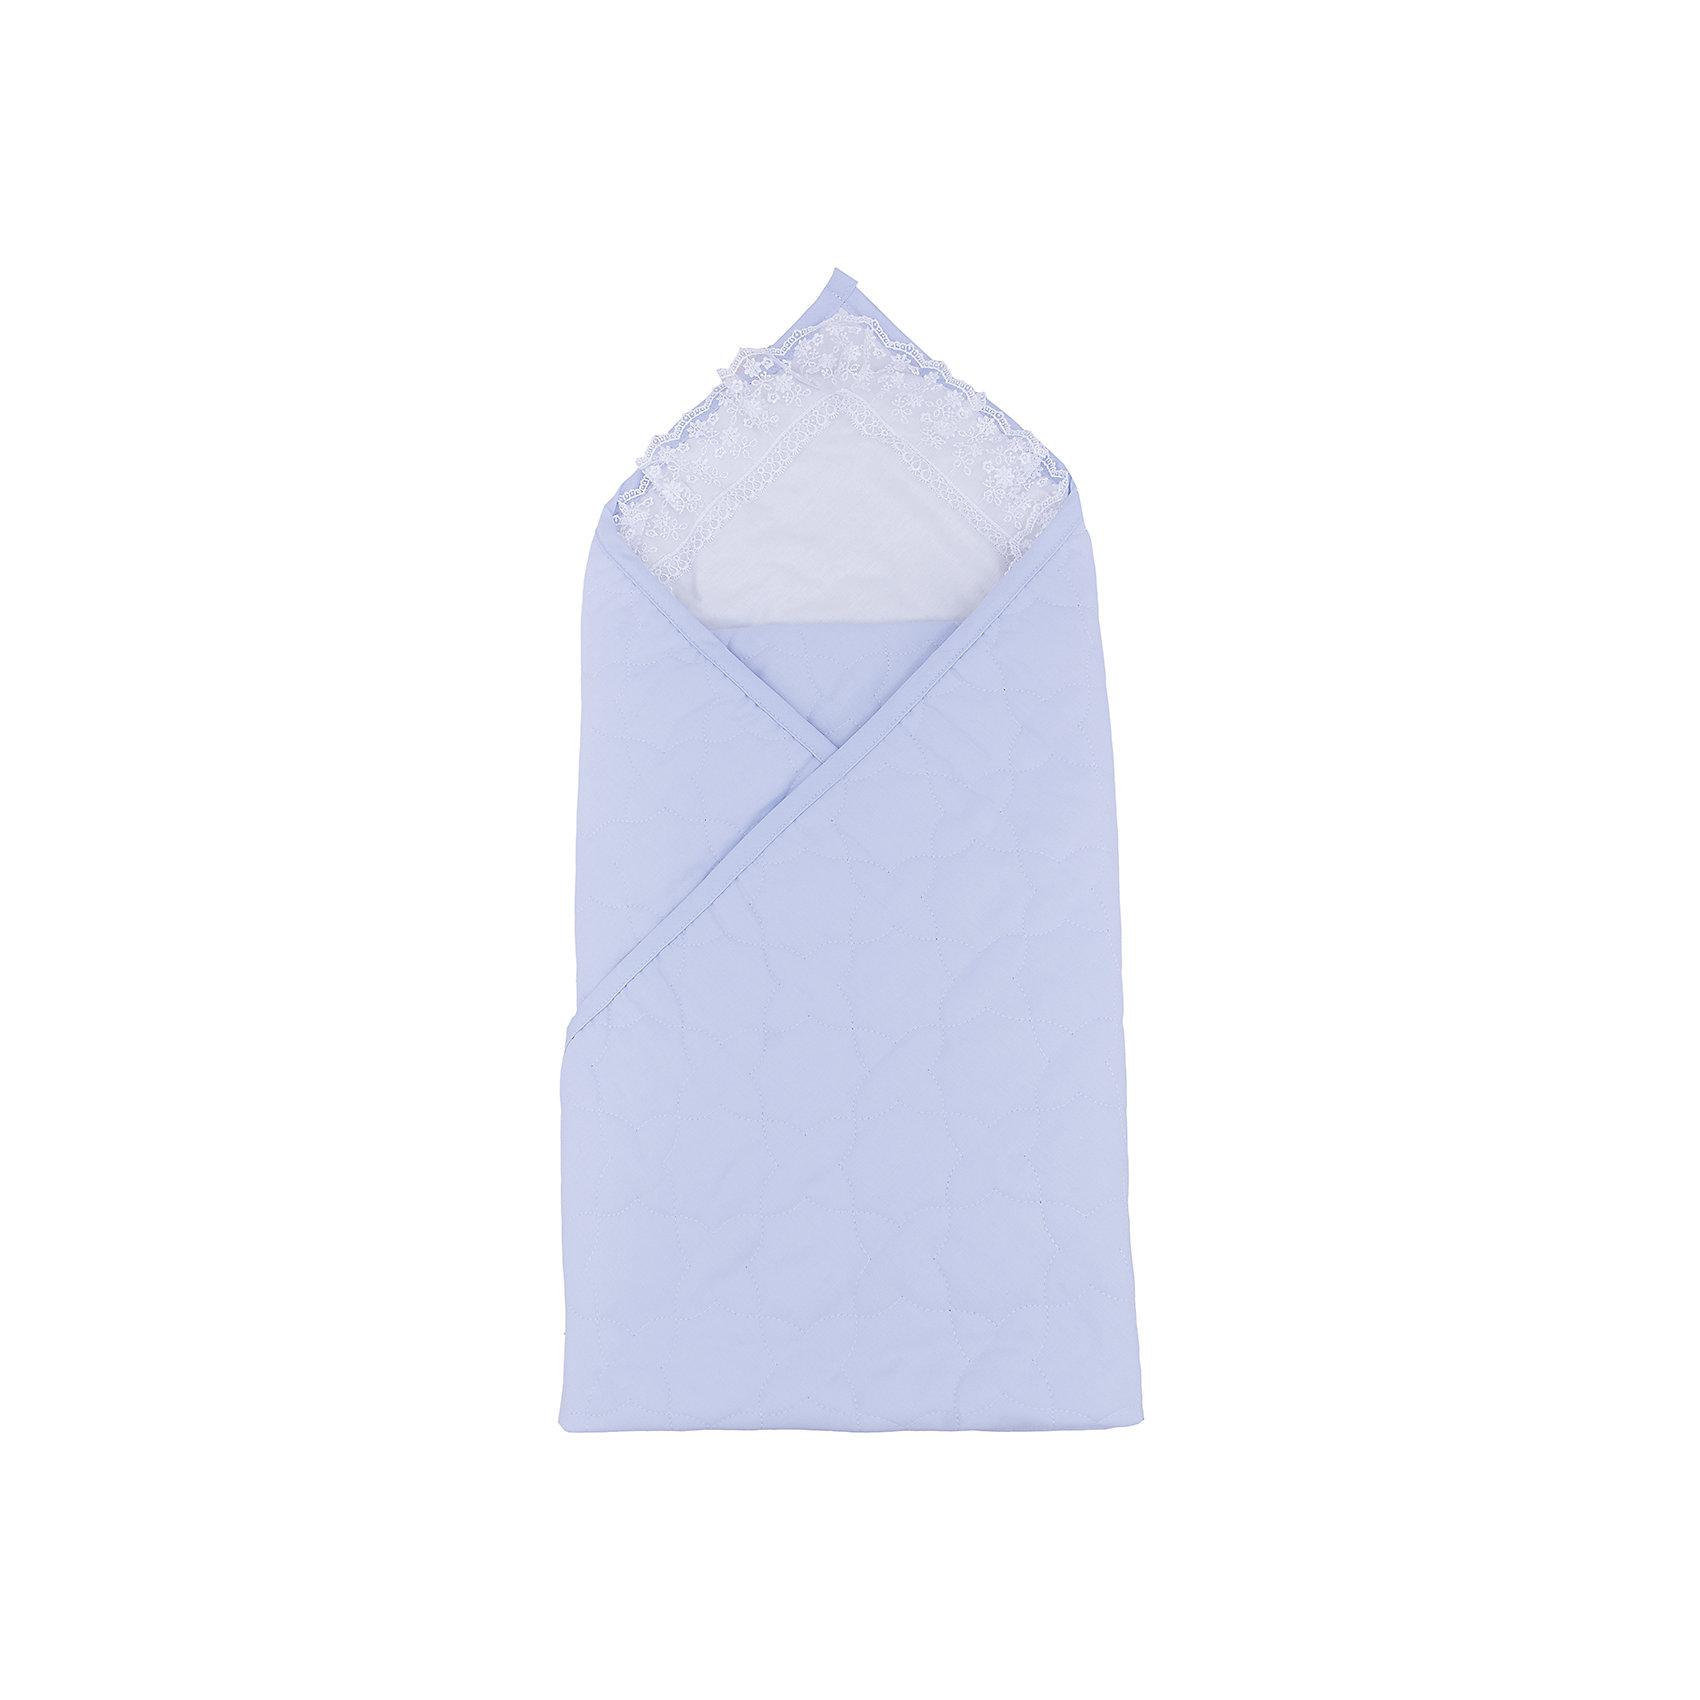 Сонный гномик Конверт-одеяло на выписку Ласточка Сонный гномик, голубой сонный гномик конверт одеяло жемчужинка сонный гномик голубой